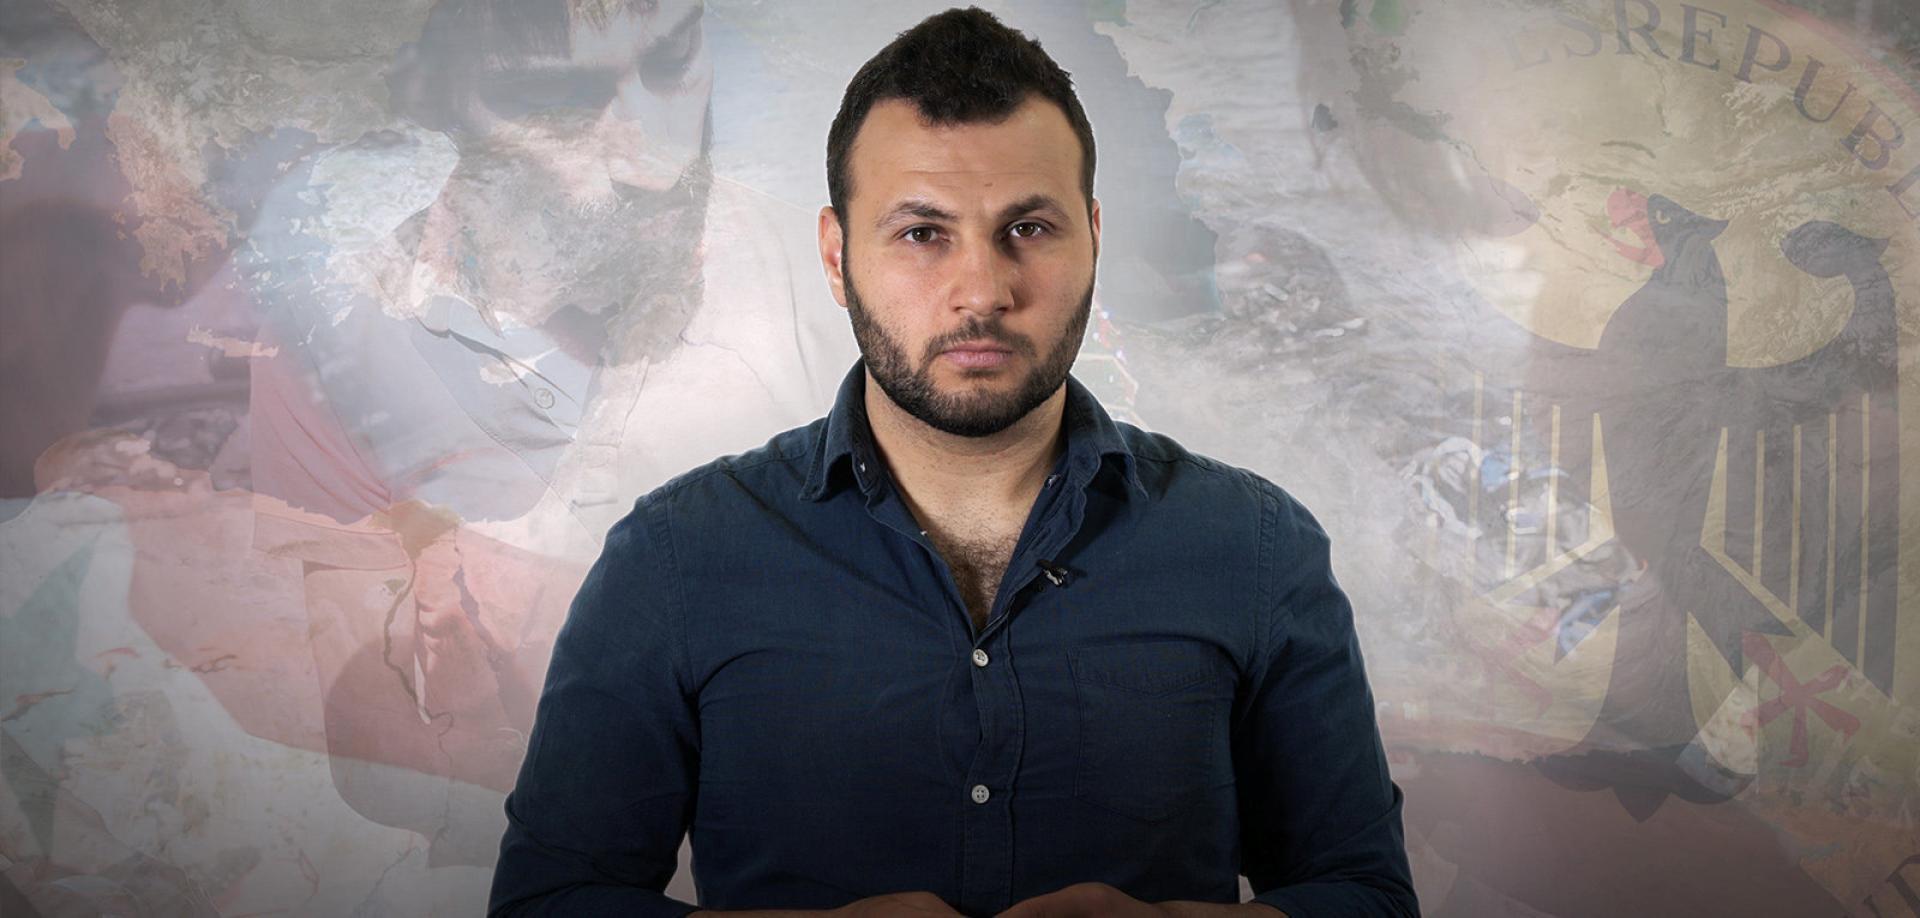 Ich bin Jalal aus Syrien - können wir reden?